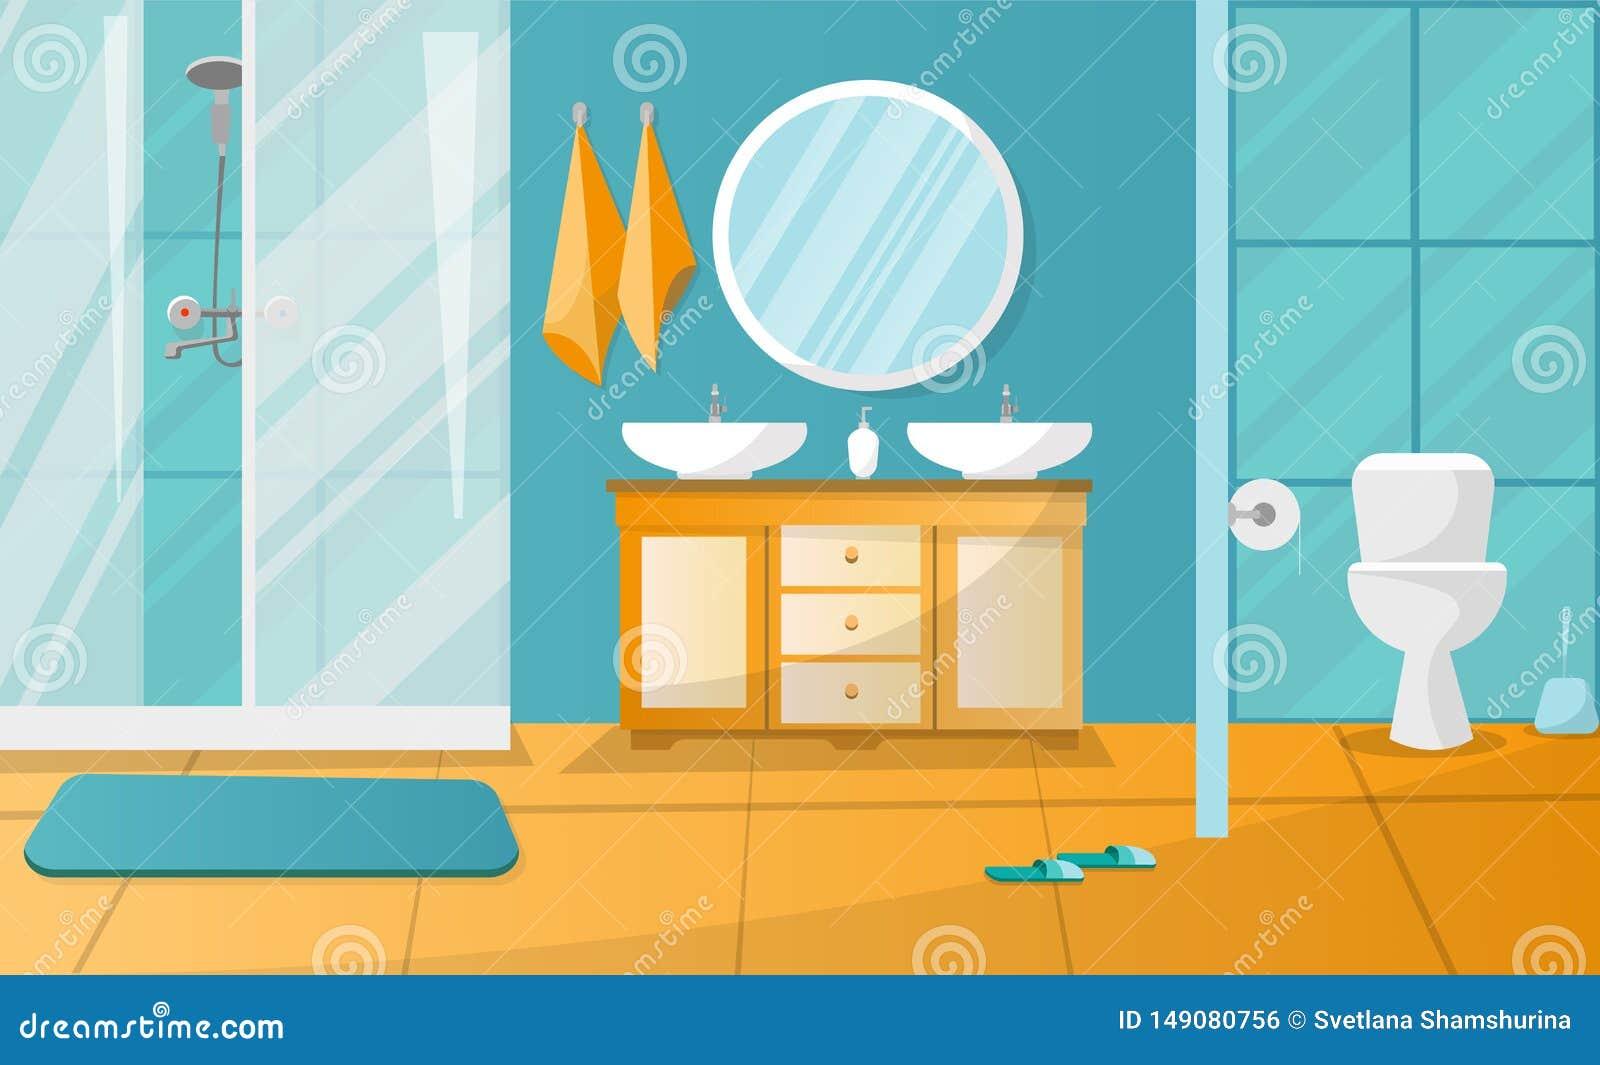 Interior moderno del cuarto de ba?o con la cabina de la ducha Muebles del cuarto de ba?o - el soporte con dos fregaderos, toallas